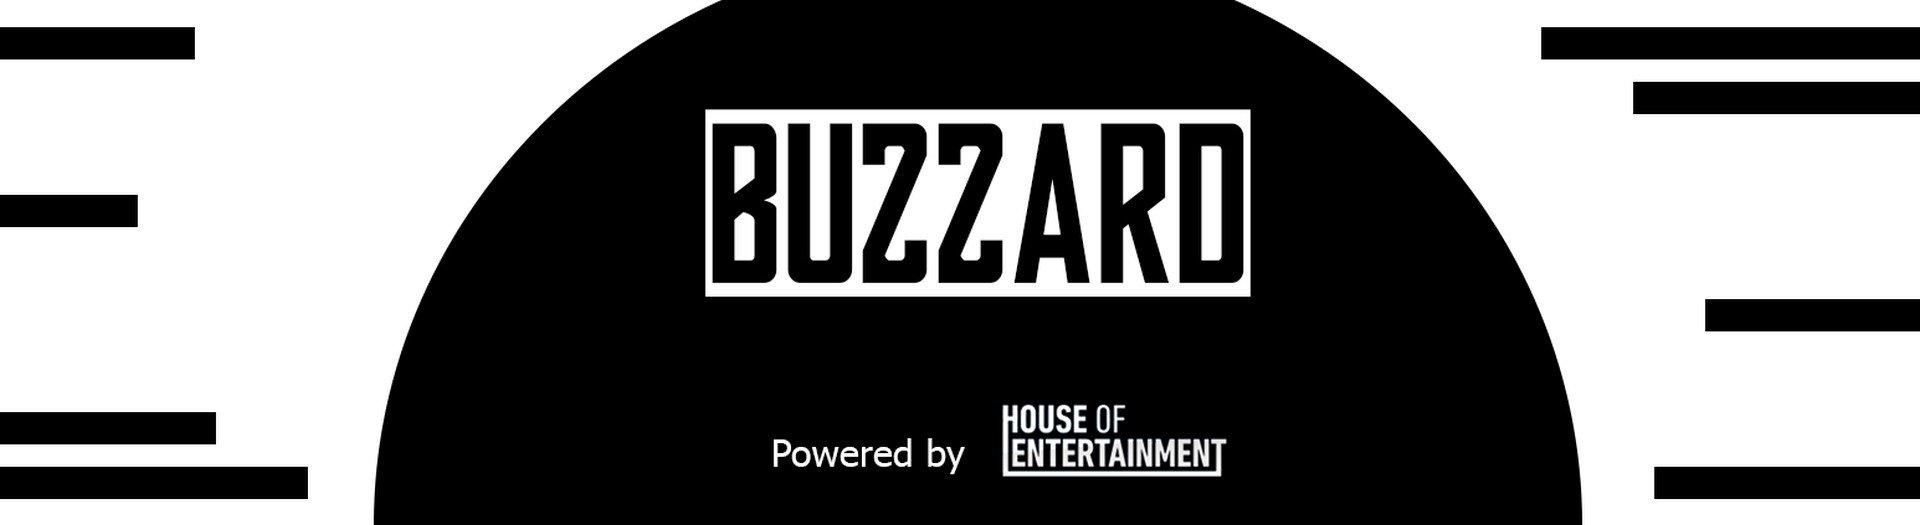 Michael Lanzo lanceert 2de album, 'Geloof, hoop en liefde' - Logo Buzzard 2